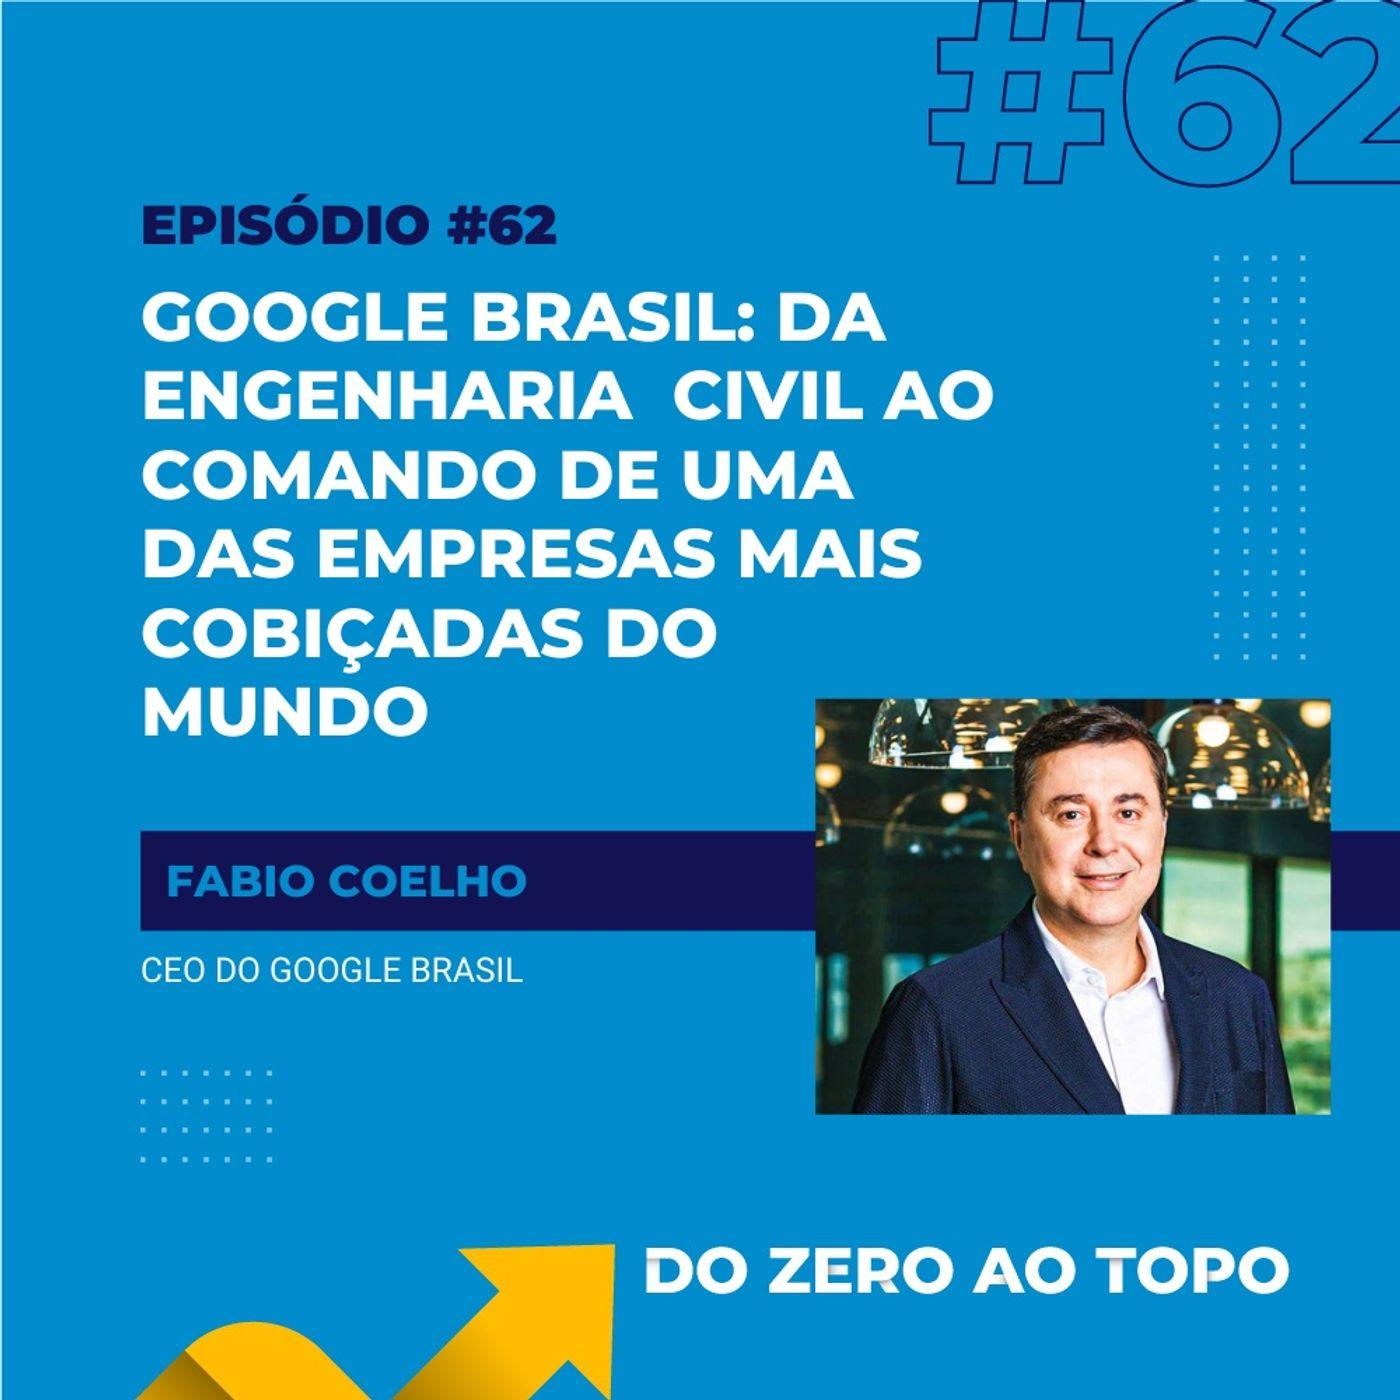 #62 - Google Brasil: o engenheiro civil que comanda uma das empresas mais cobiçadas do mundo